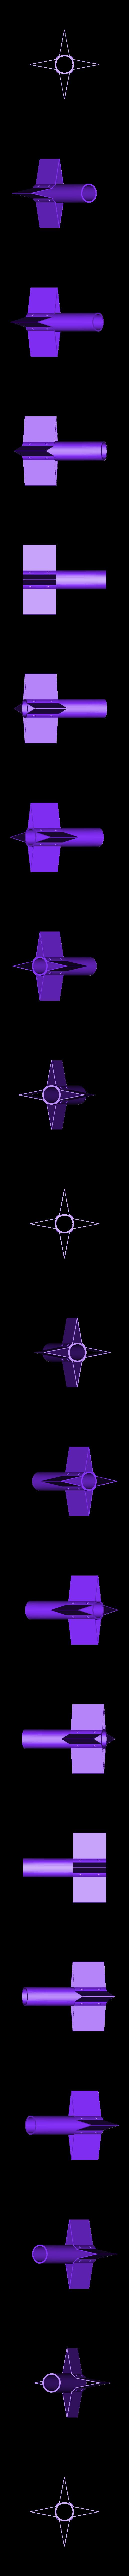 bottom_1.stl Télécharger fichier STL grenade à fusil m31 • Objet pour imprimante 3D, Punisher_4u